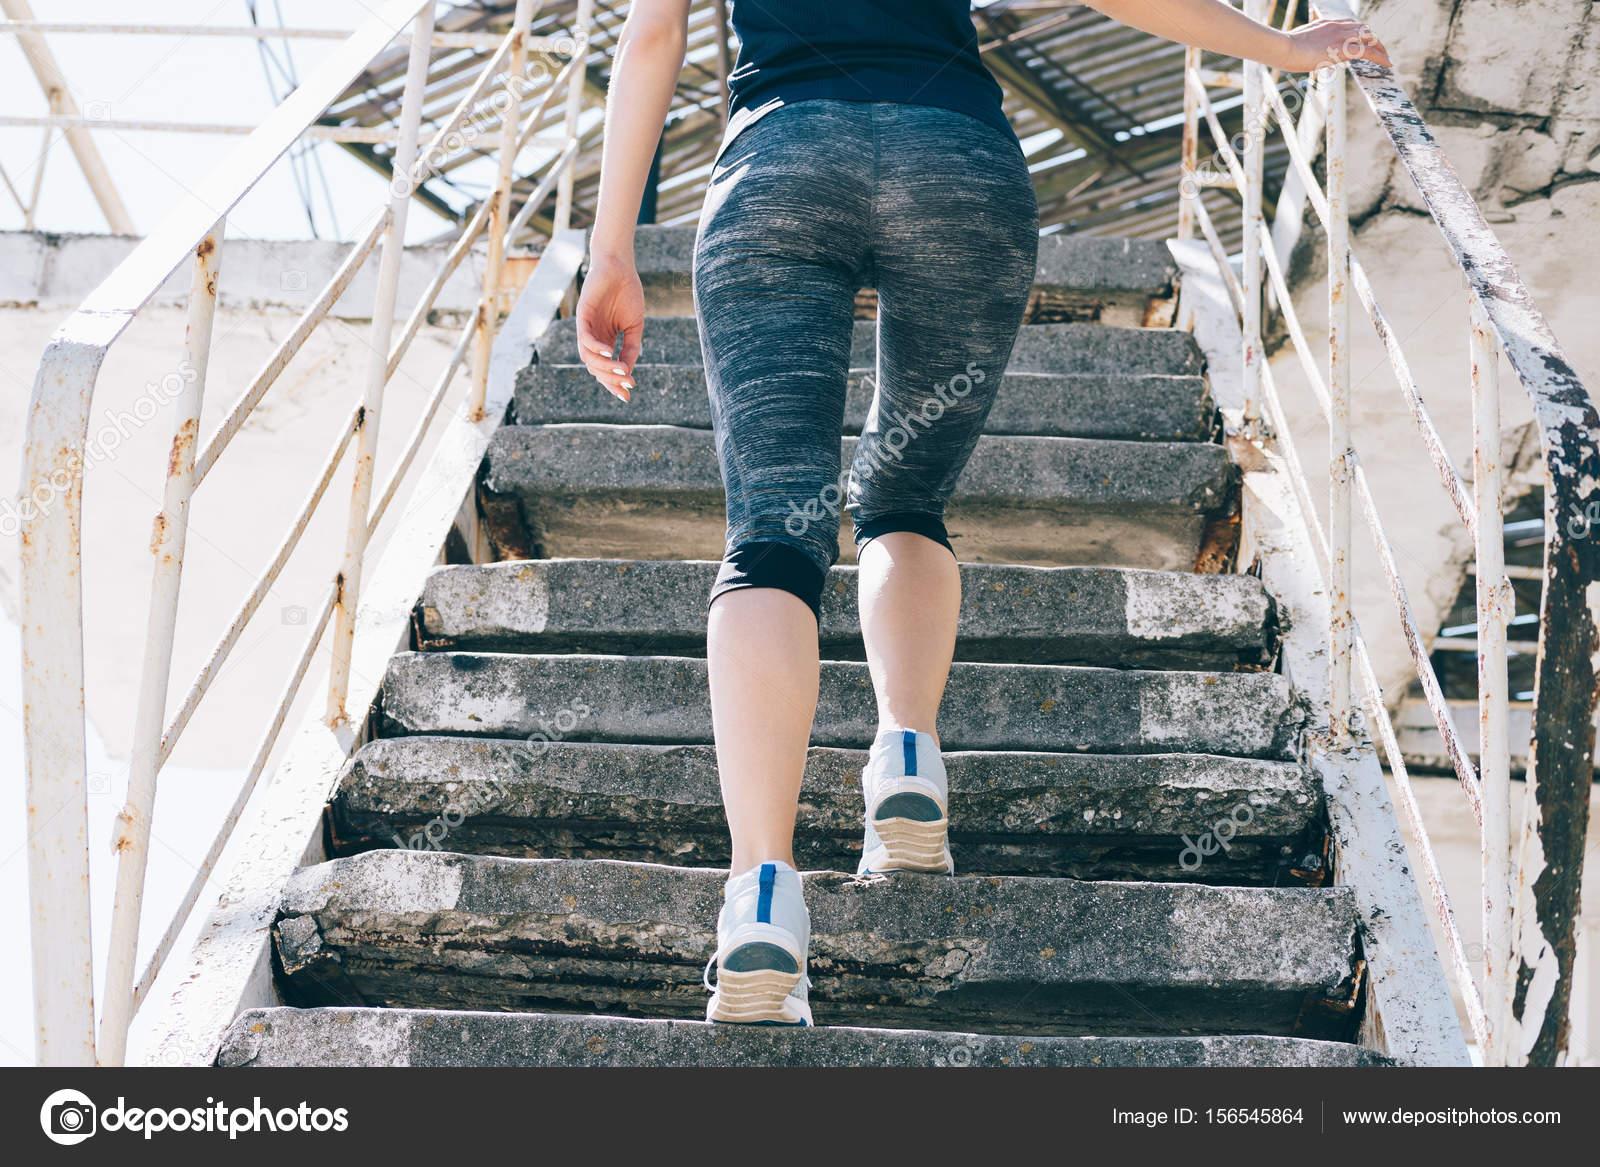 период пройдет картинки девушка поднимается по лестнице вид сзади жанра